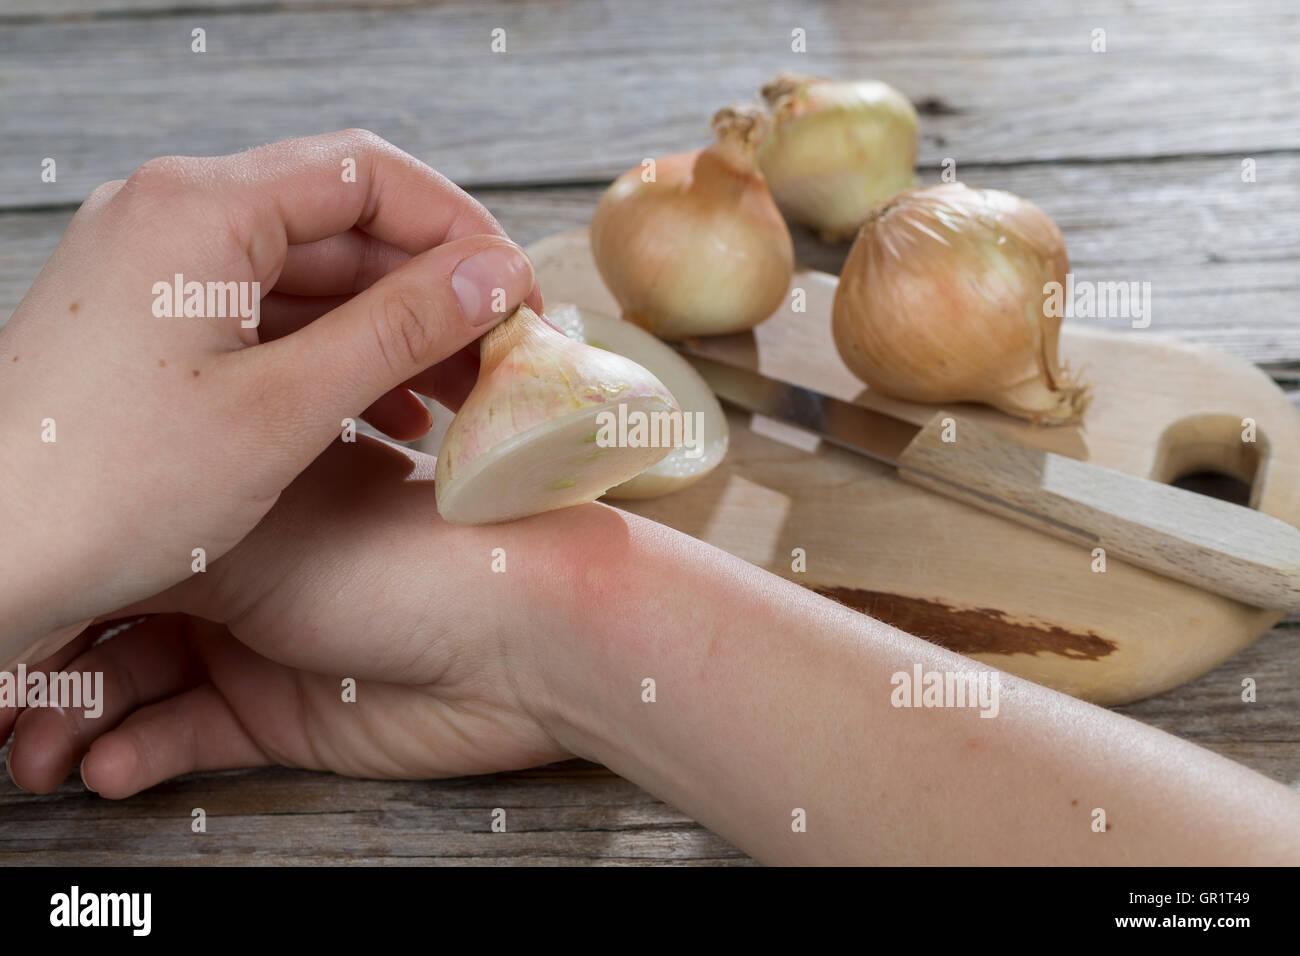 Zwiebel hilft bei Insektenstich, Mückenstich, Mückenstiche, Zwiebelhälfte wird auf die juckende Hautstelle gelegt, Zwiebelauflag Stock Photo